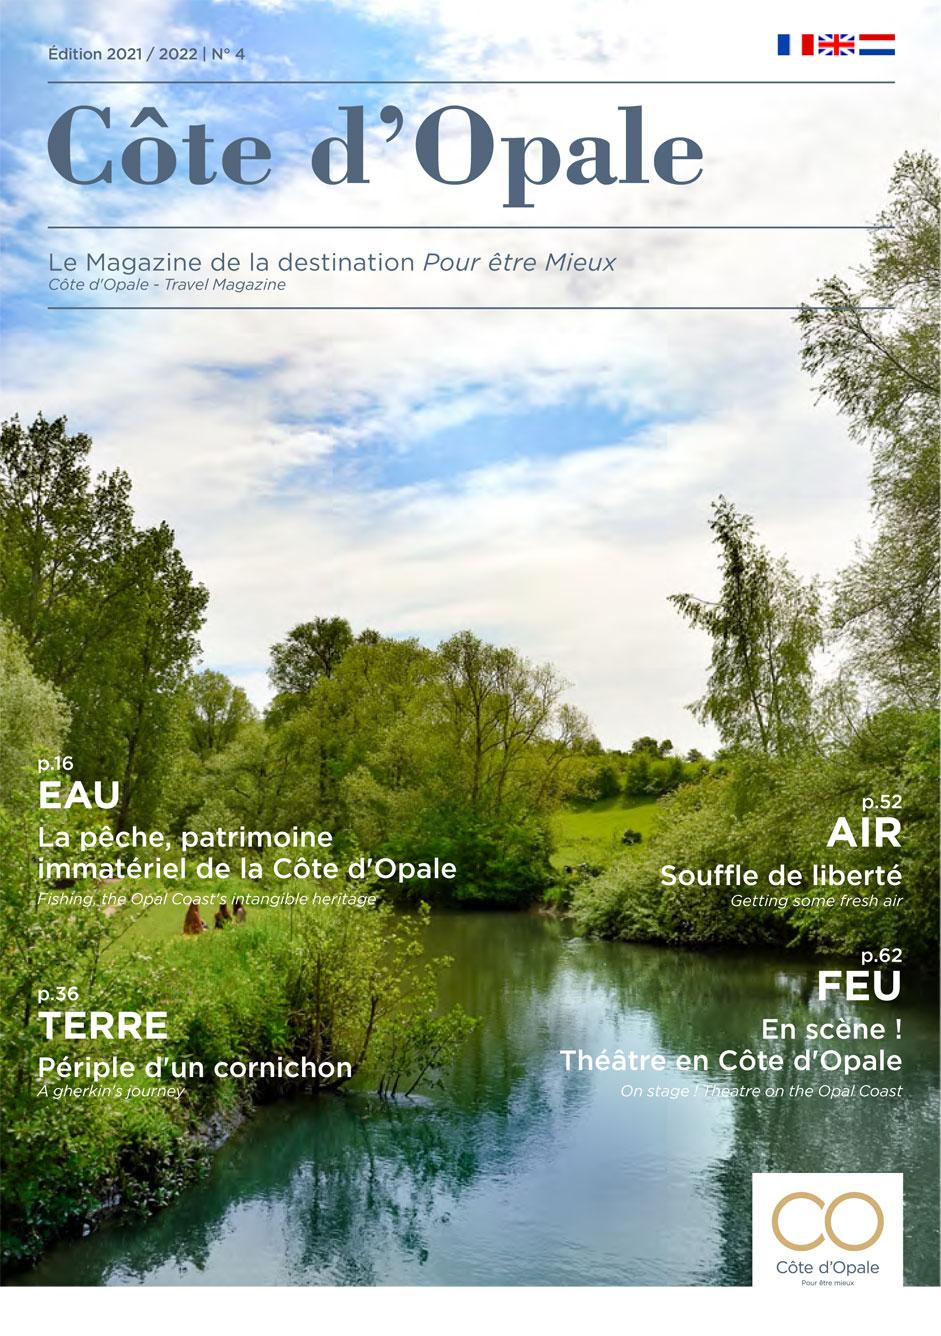 Côte d'Opale – Le Magazine de la destination Pour être Mieux – Edition 2021/2022 N°4